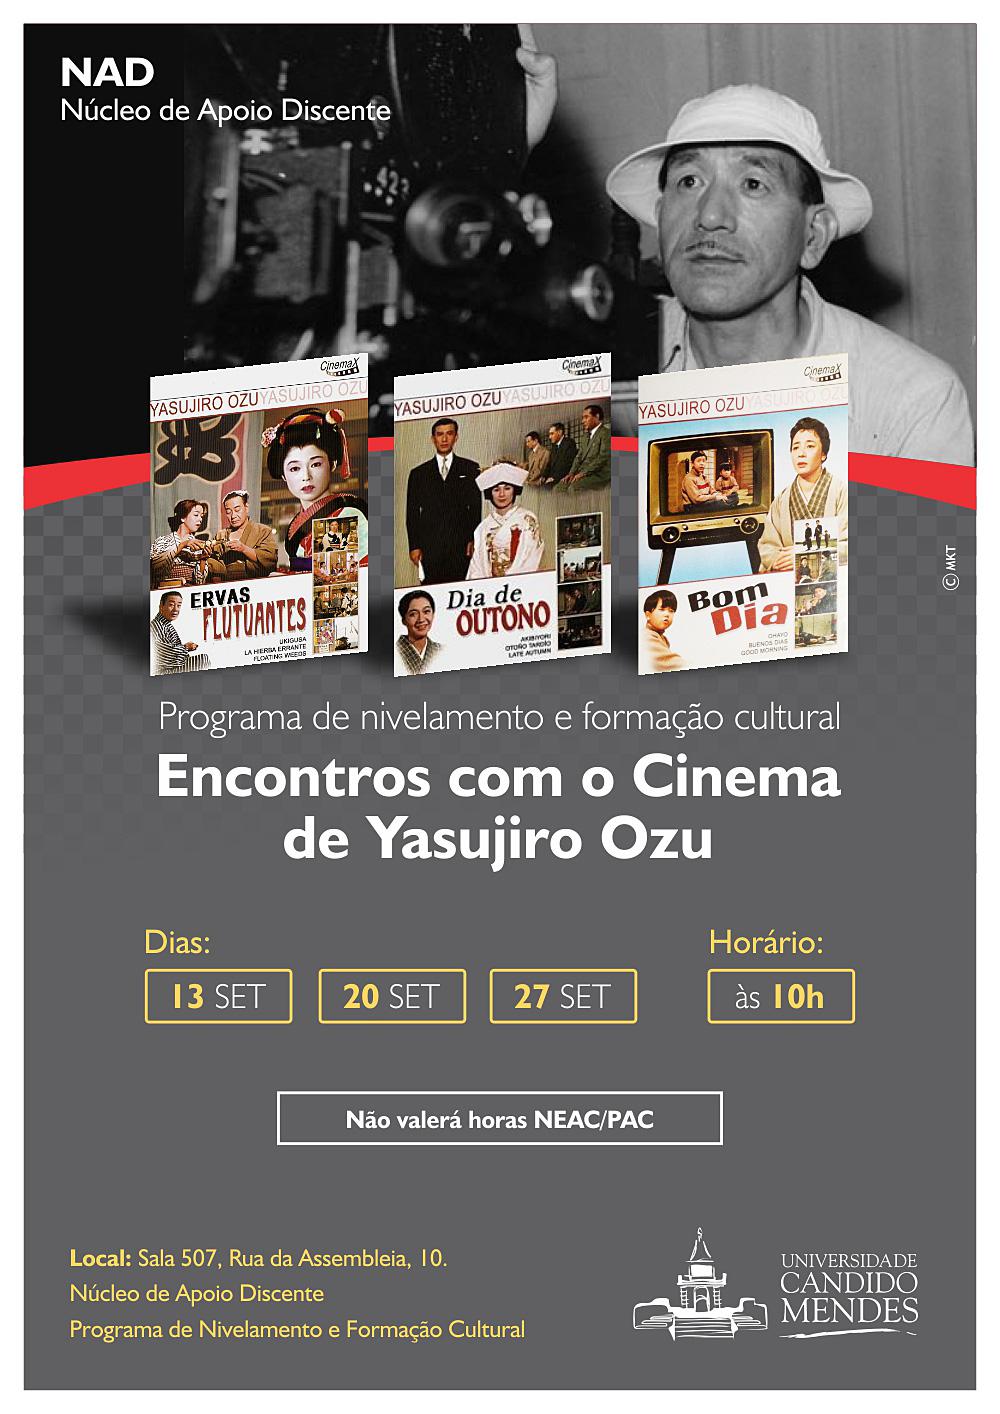 ENCONTROS COM O CINEMA DE YASUJIRO OZU